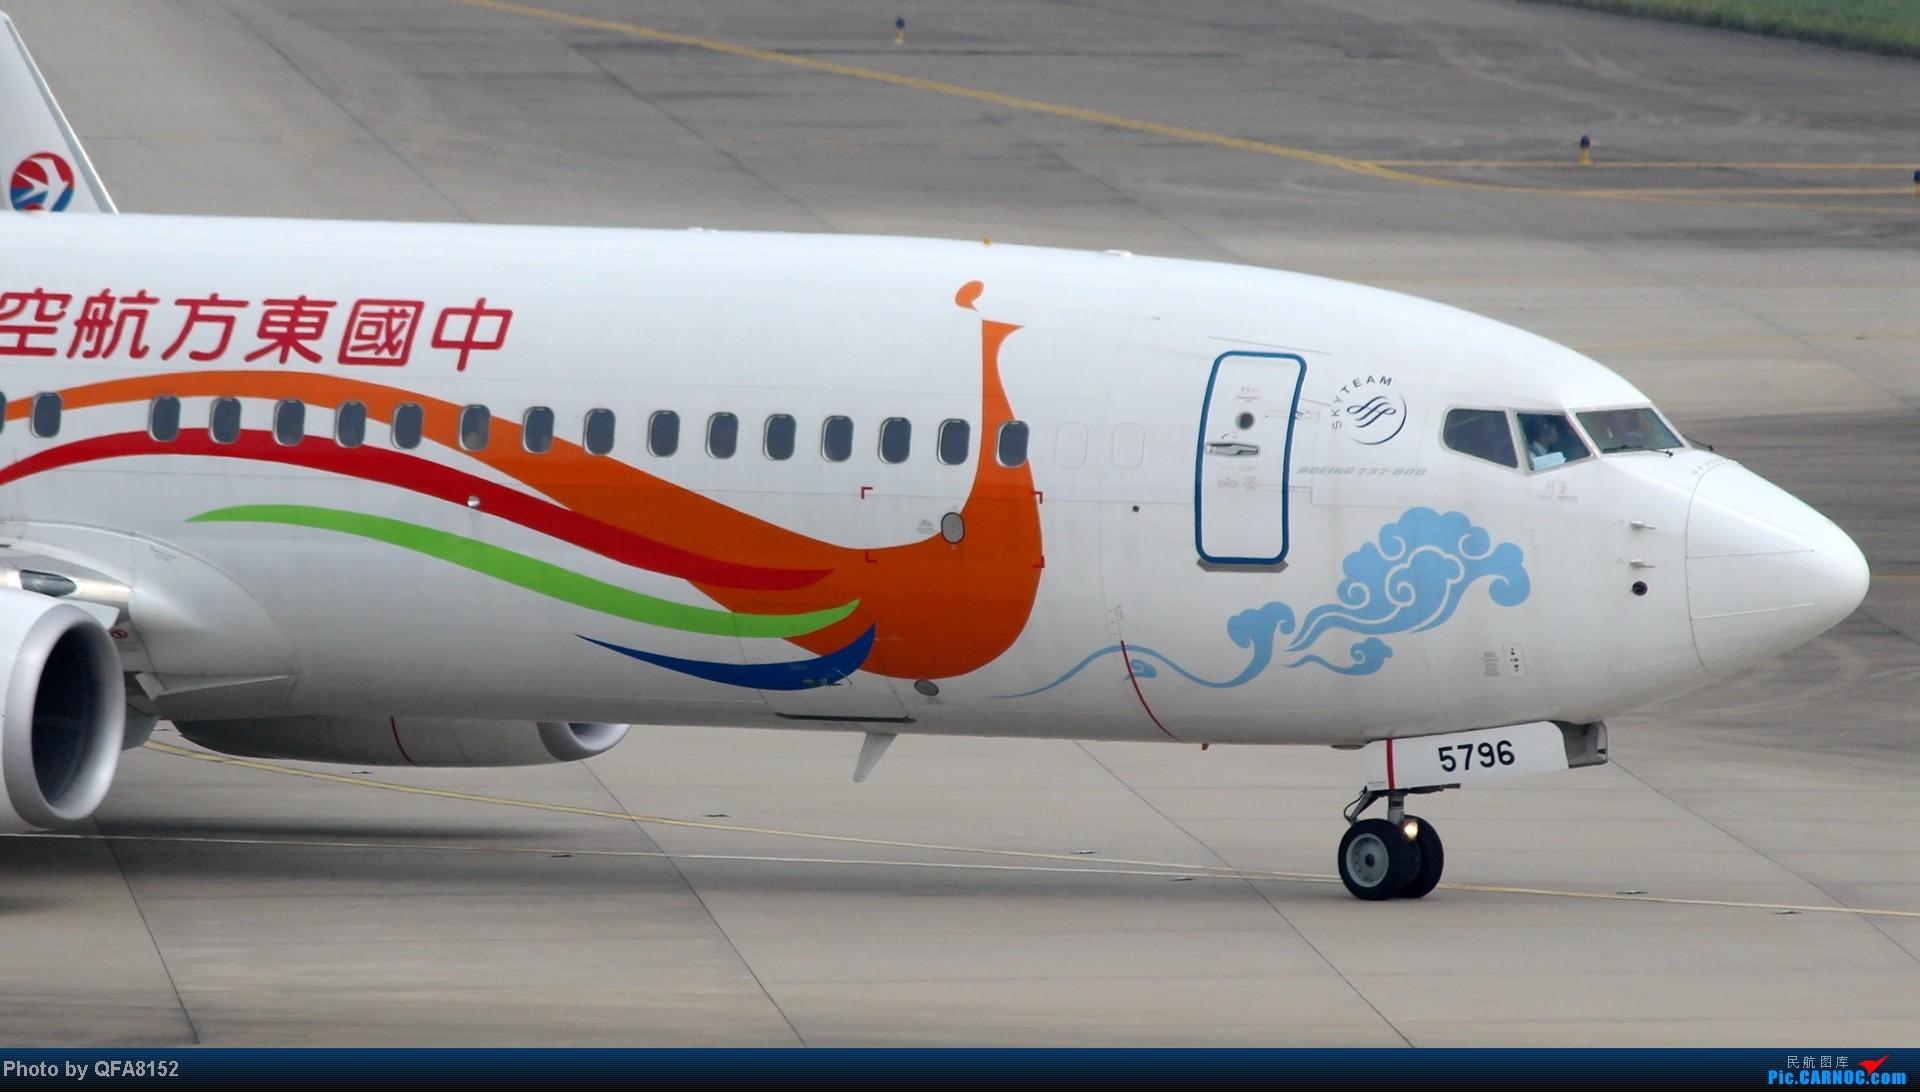 Re:[原创]2014.10.2广州白云消防塔拍机 BOEING 737-800 B-5796 中国广州白云机场